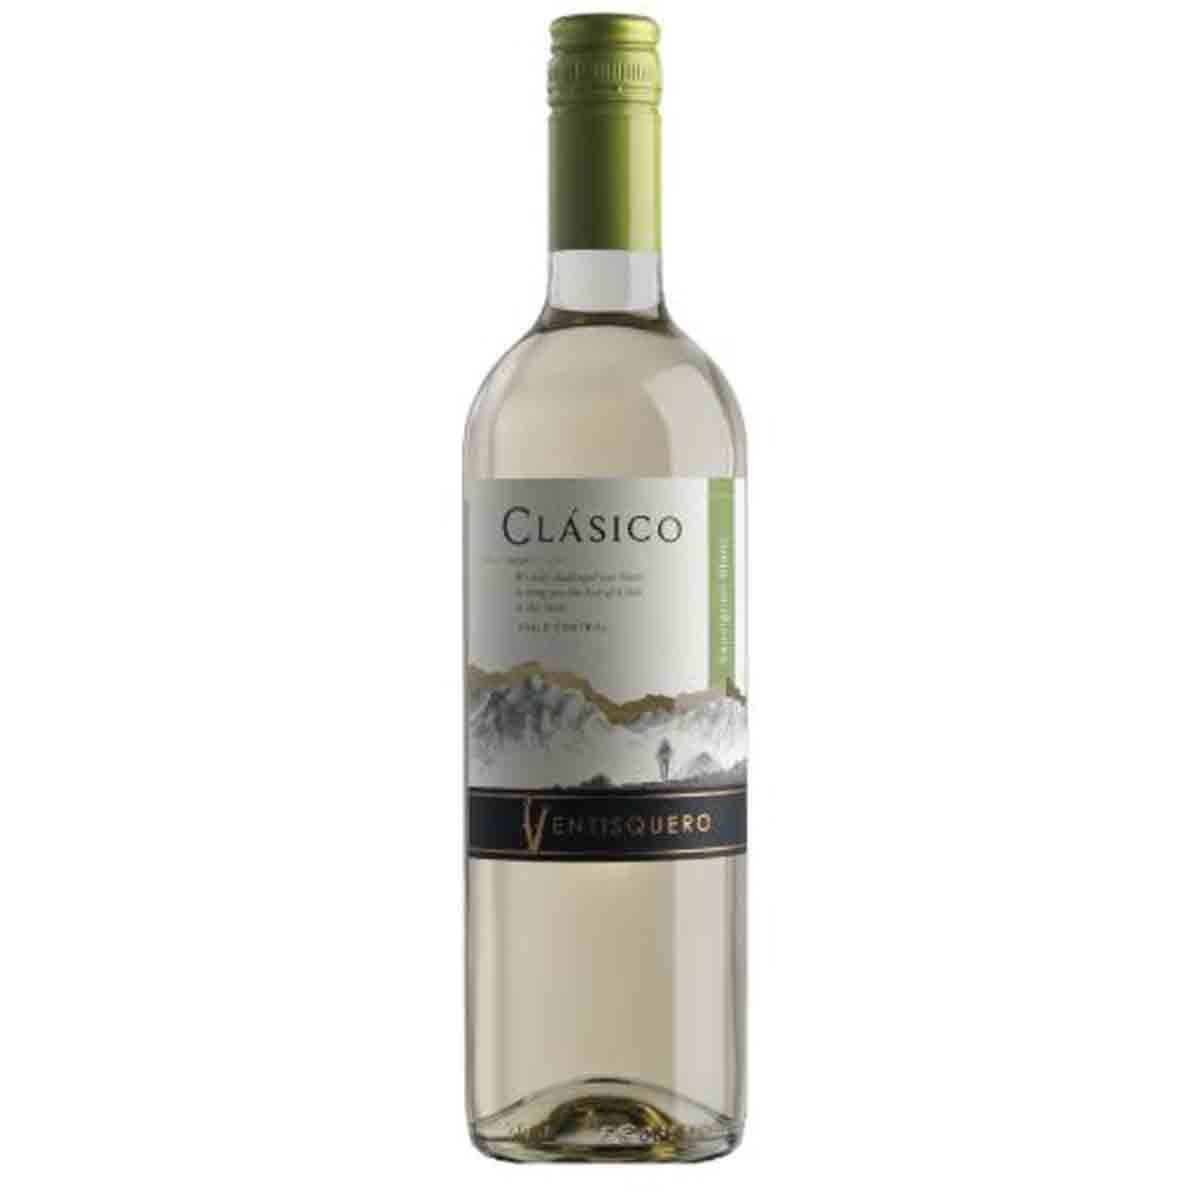 Vinho Branco Chileno Classico Ventisquero Sauvignon Blanc 2019 750ml